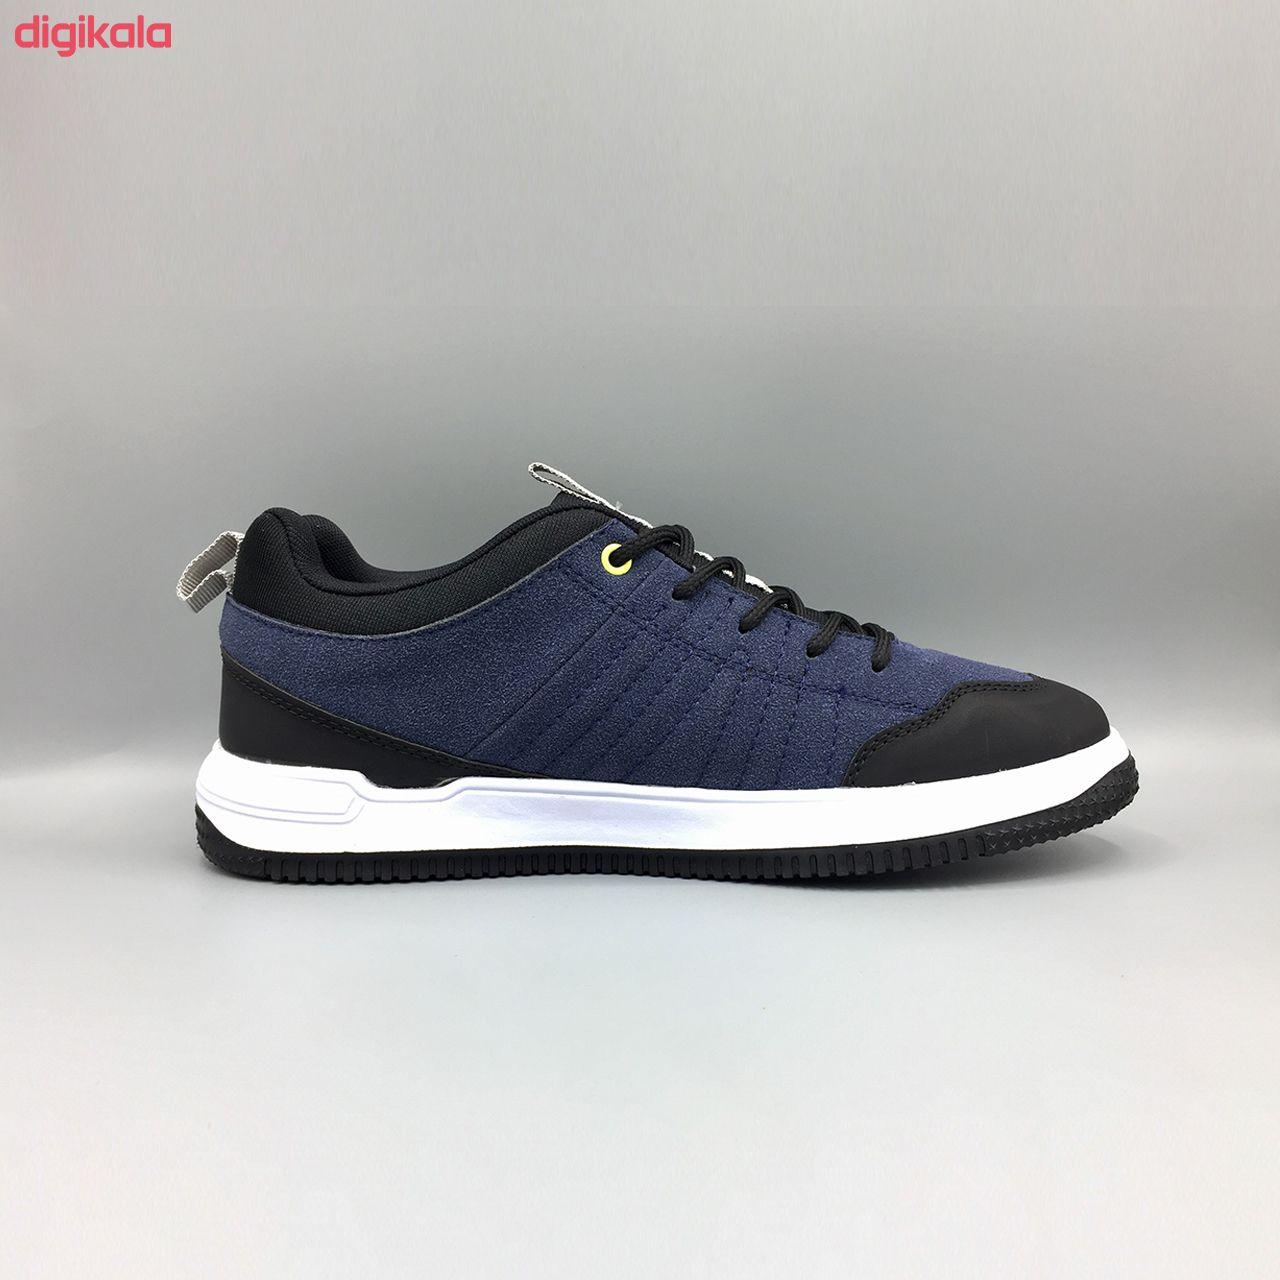 کفش راحتی مدل GORE-TEX-SO main 1 3